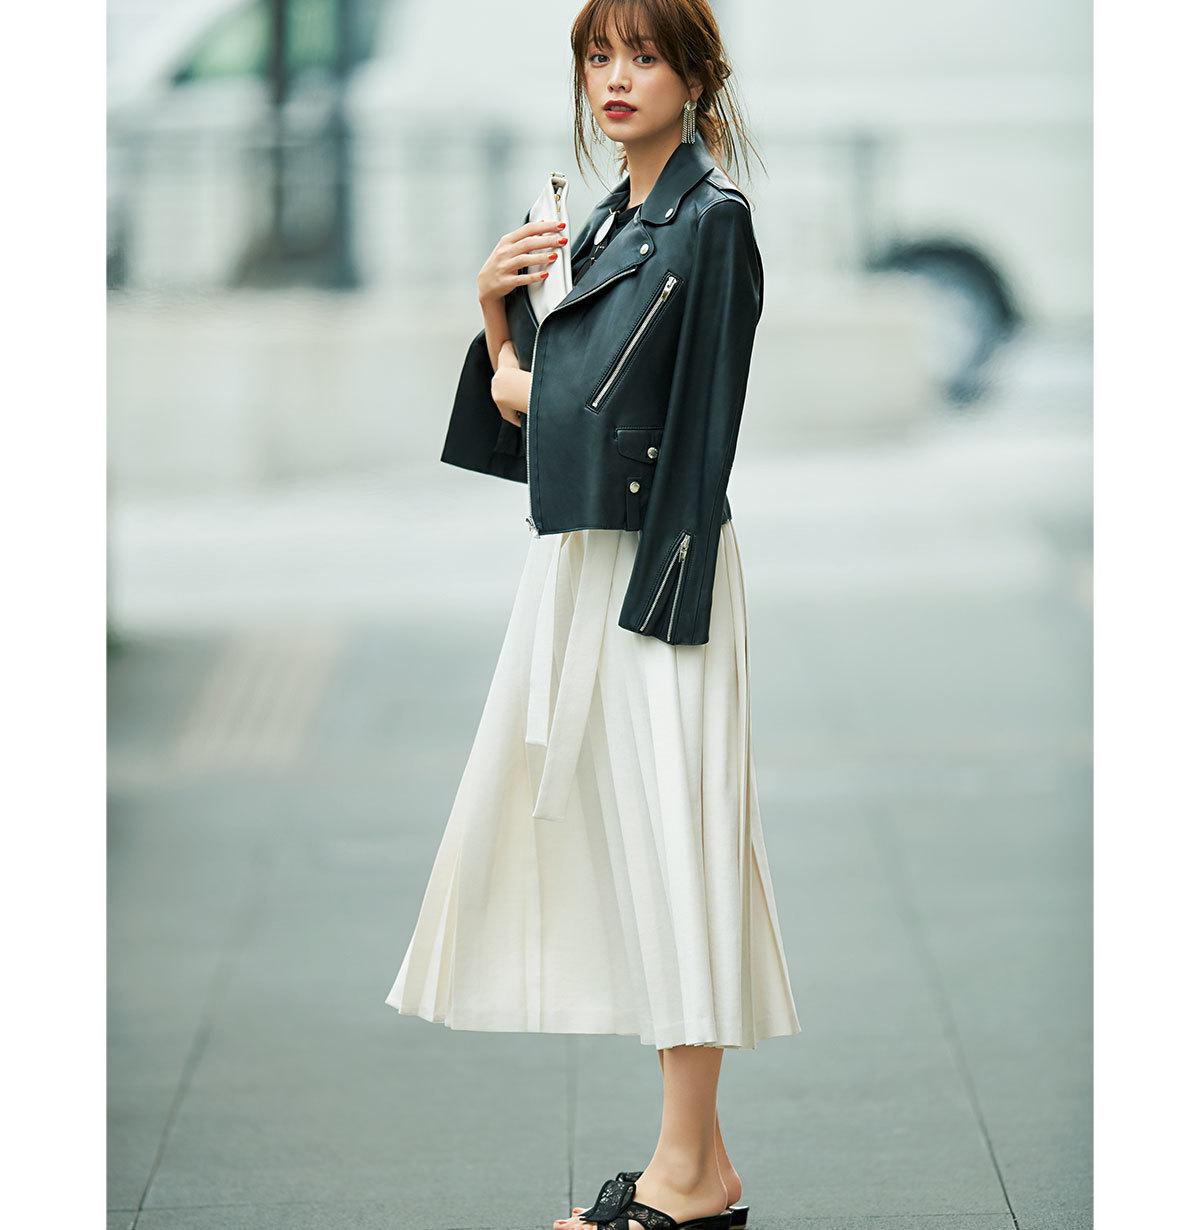 黒のレザージャケット×白プリーツスカートのモノトーンコーデ